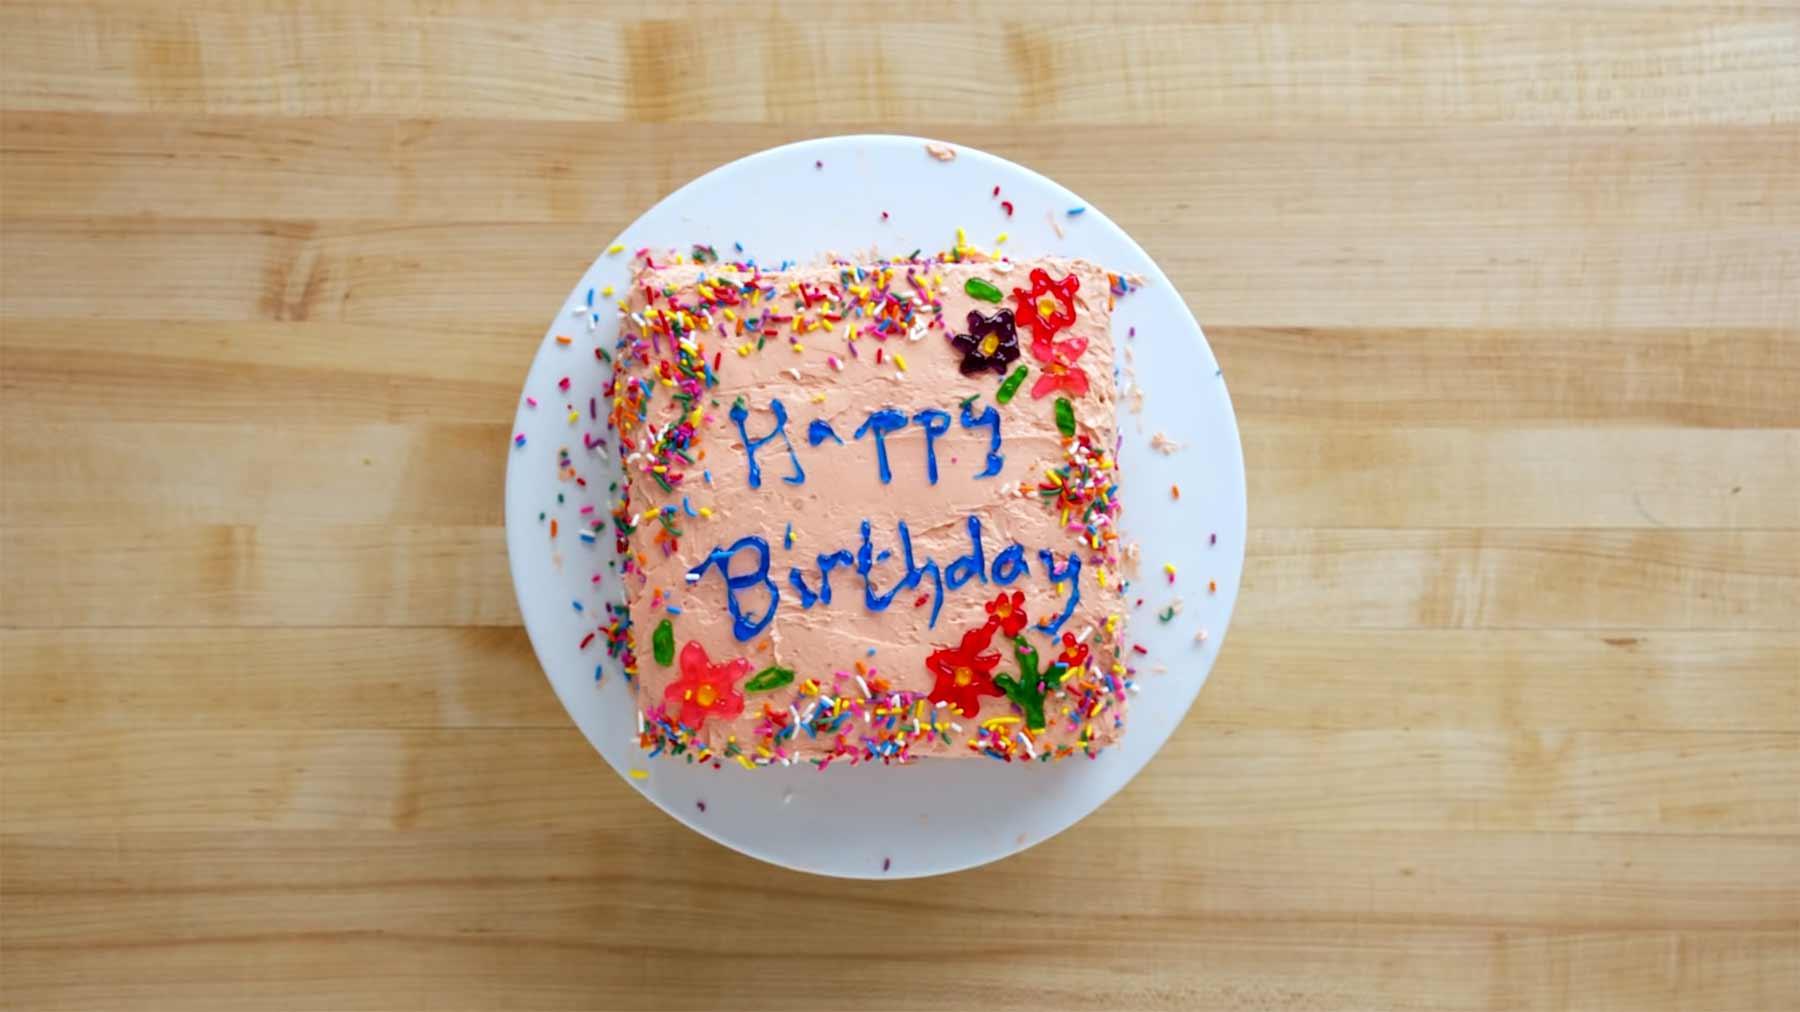 Konditor*innen unterschiedlicher Fähigkeitsstufen backen Geburtstagstorten